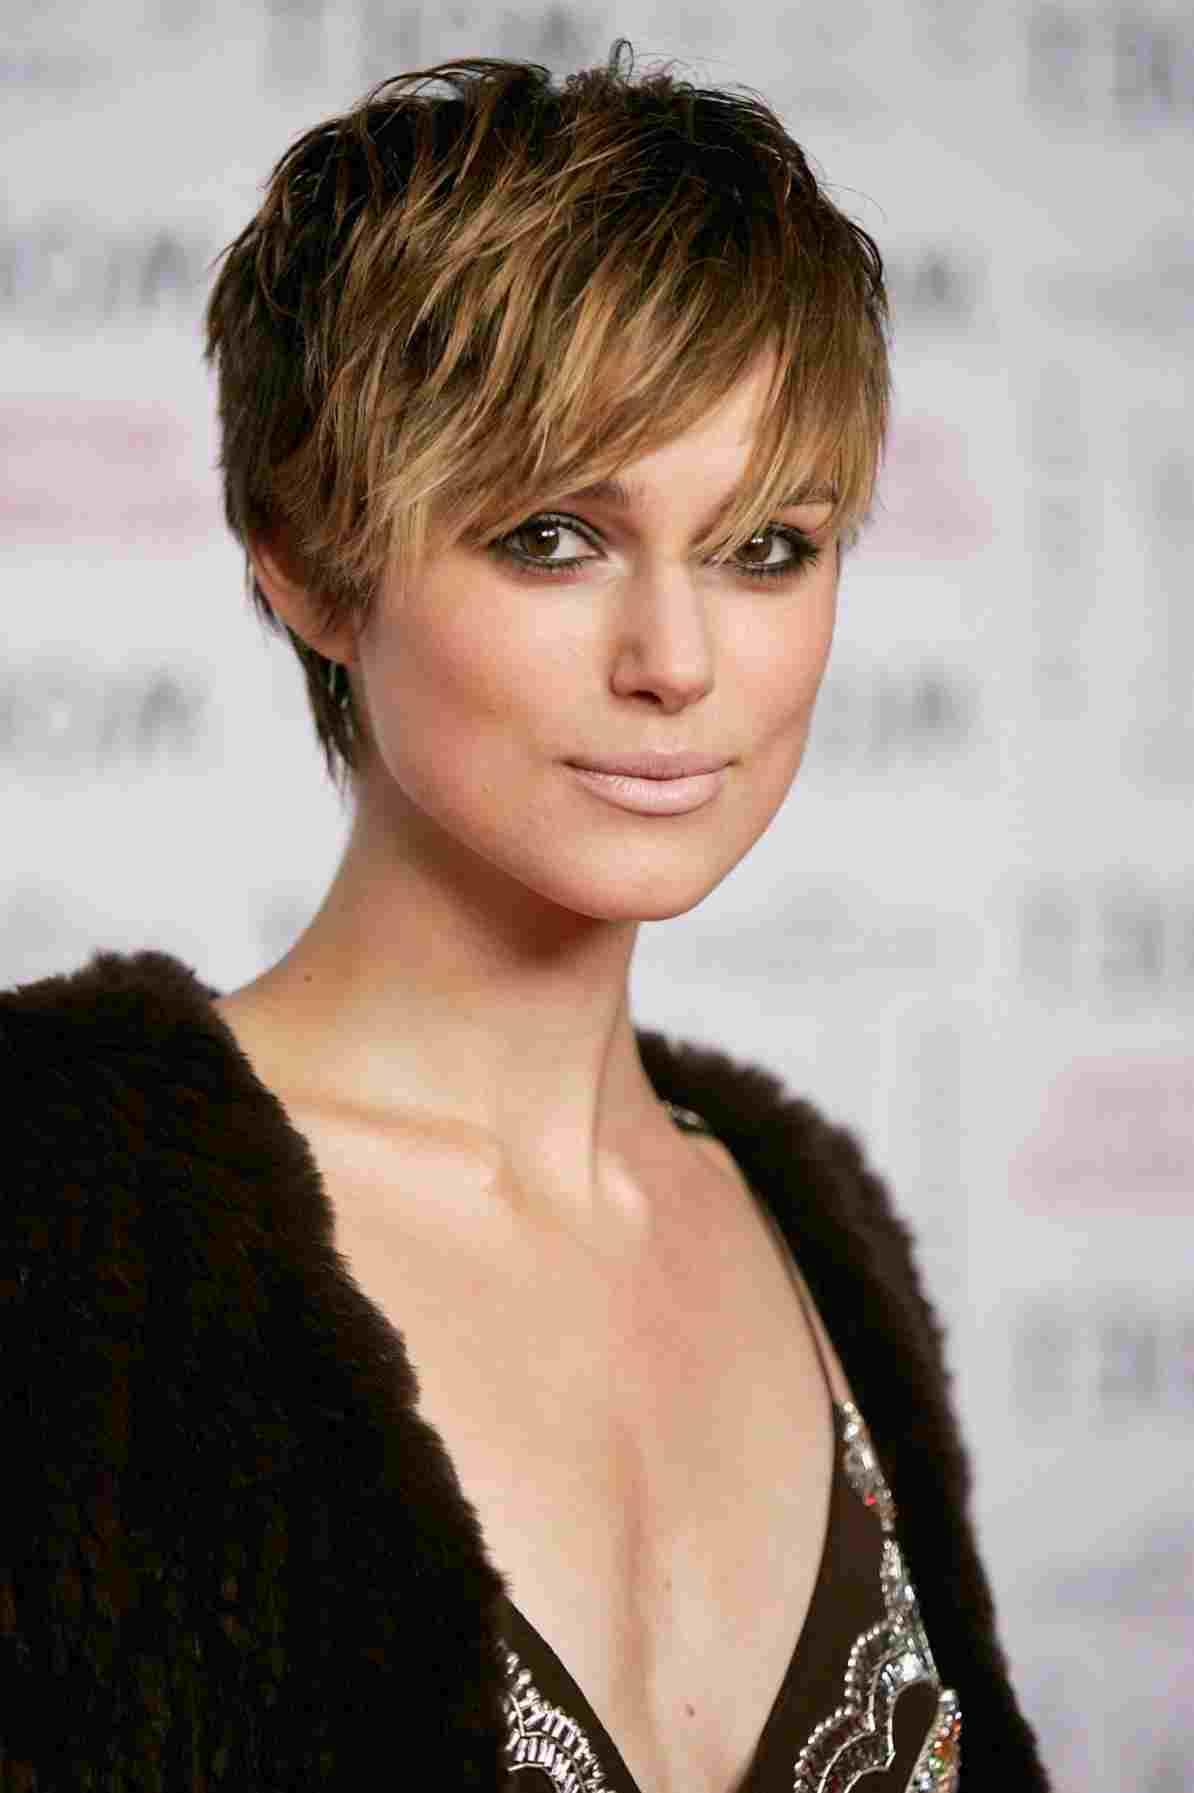 Стрижки с челкой на короткие, средние и длинные волосы: модные женские стрижки с вариантами челок, способы укладки, фото